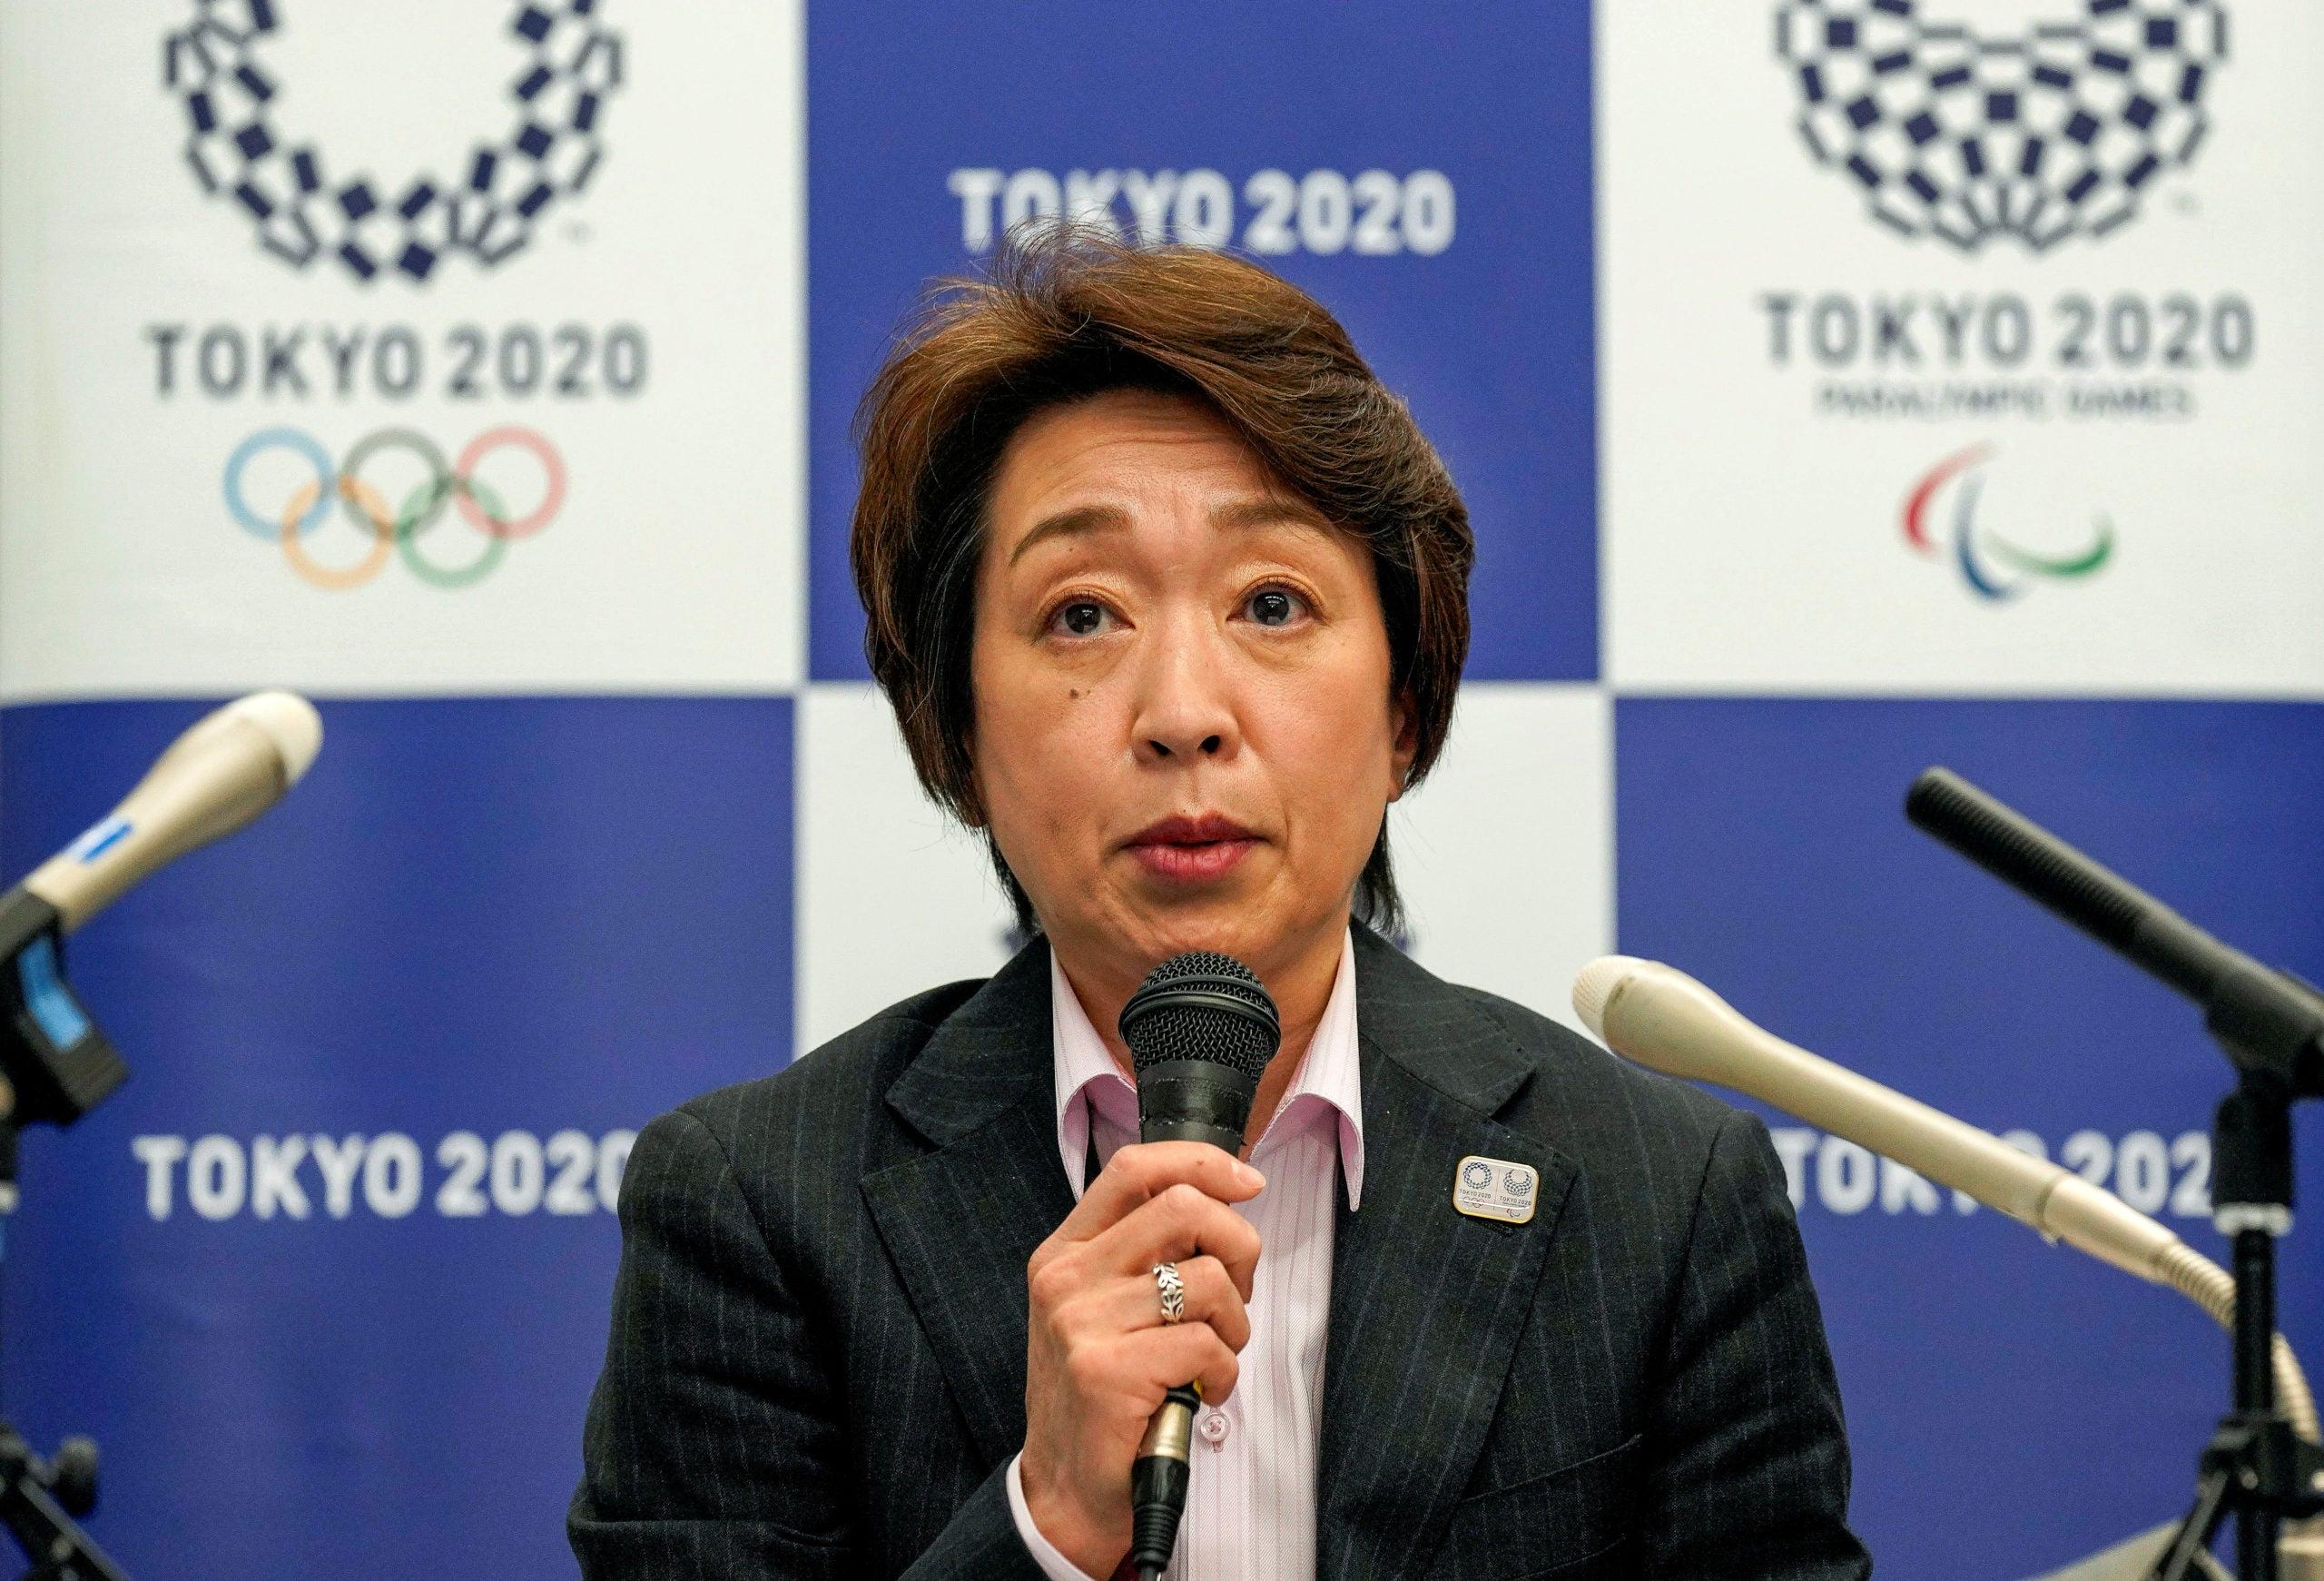 Tokyo Olympics Seiko Hashimoto, president